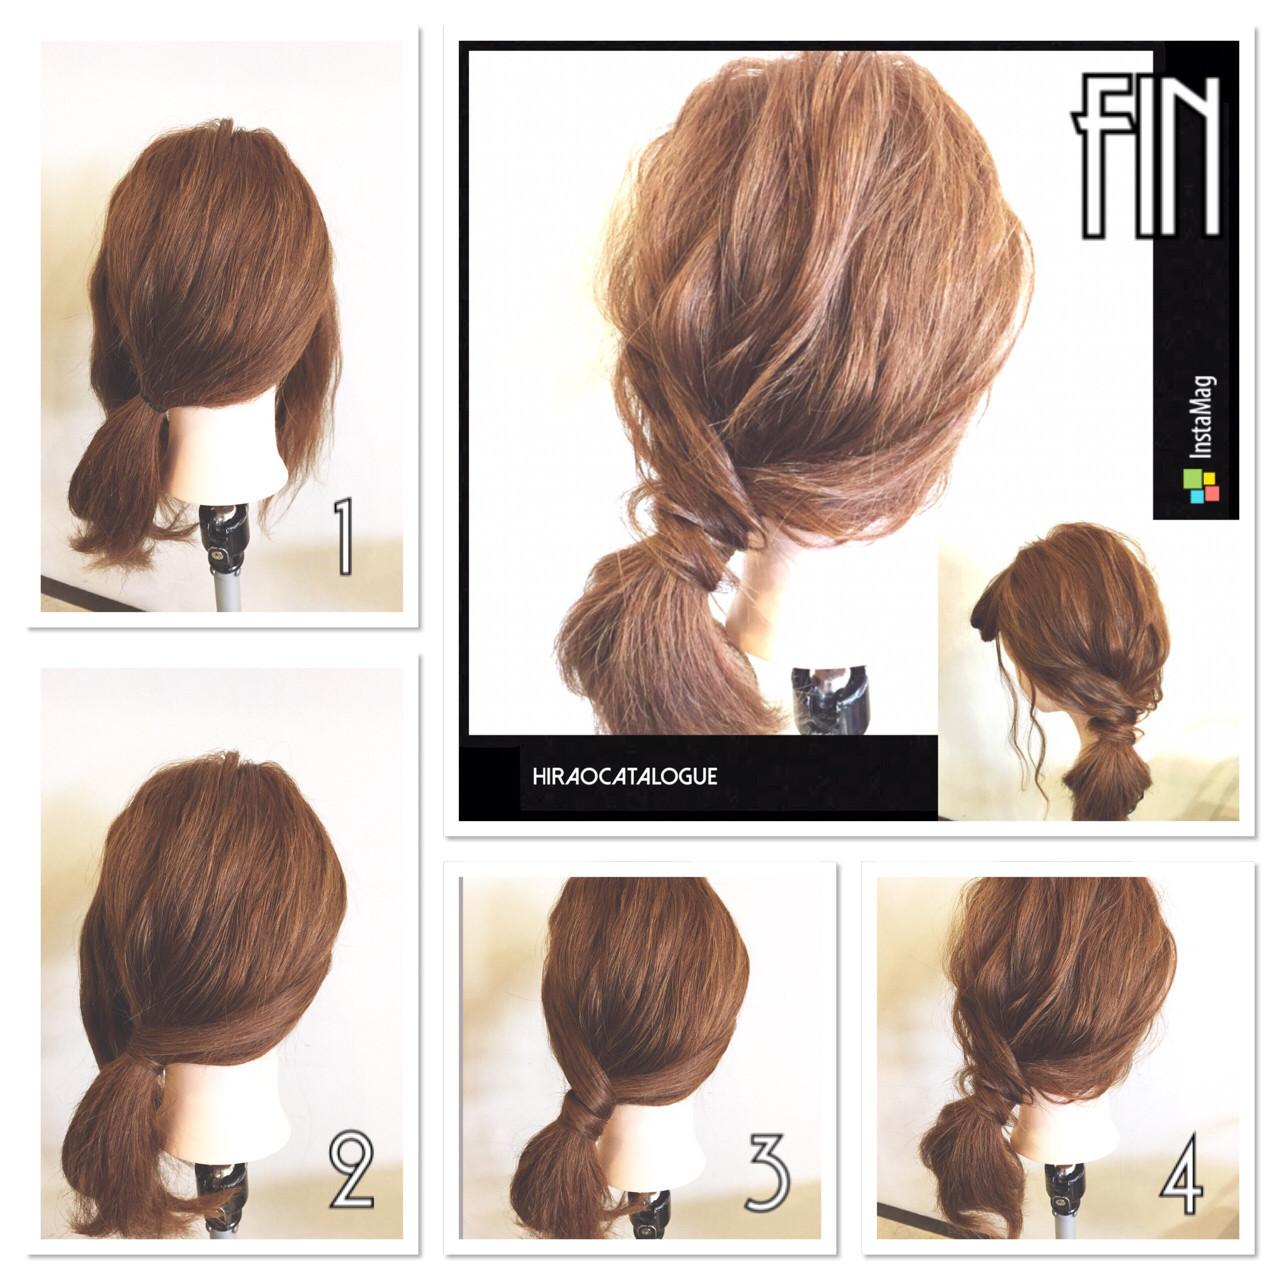 大人かわいい セミロング ゆるふわ 簡単ヘアアレンジ ヘアスタイルや髪型の写真・画像